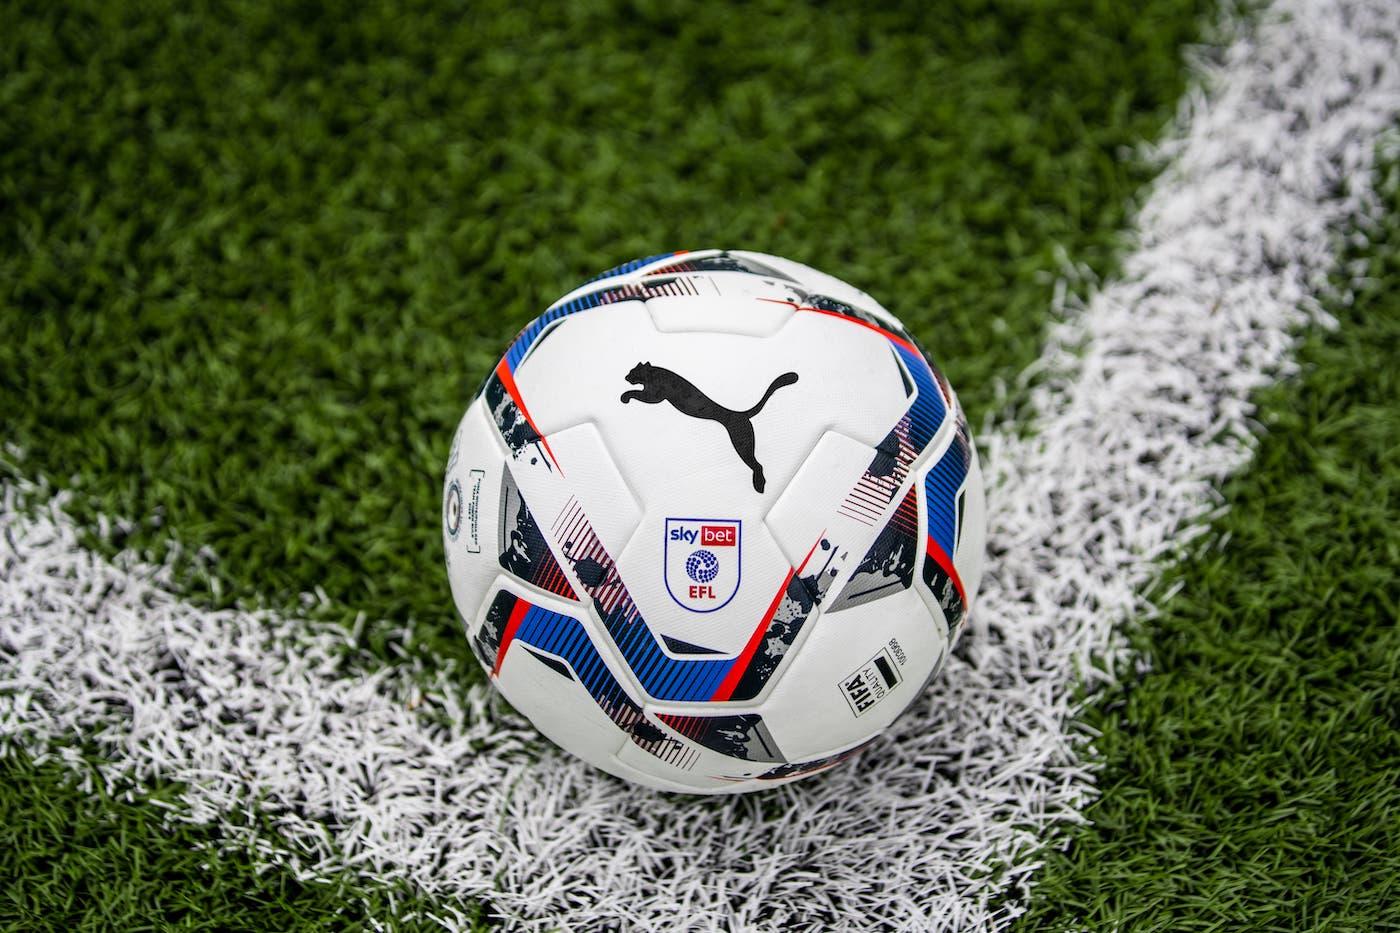 2021/22 EFL Official Match Ball